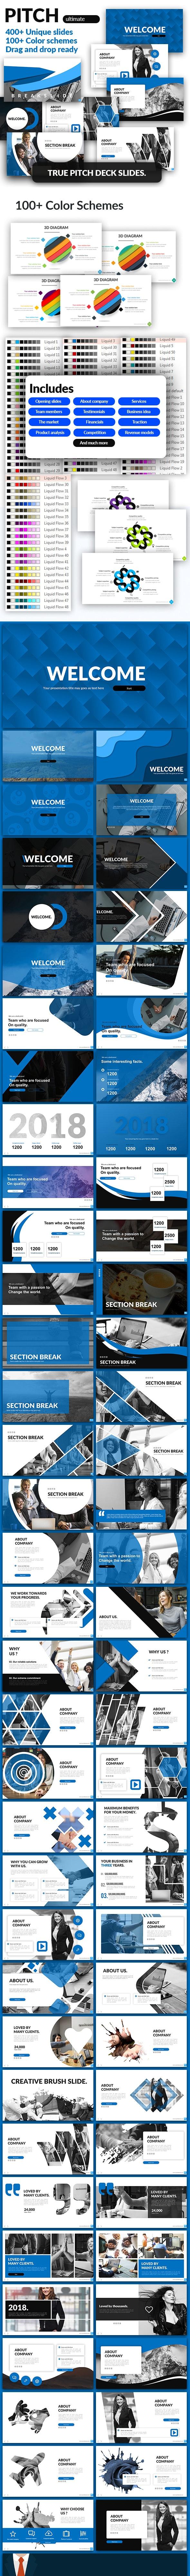 قالب پاورپوینت Pitch Deck Presentation Template – Pitch Ultimate